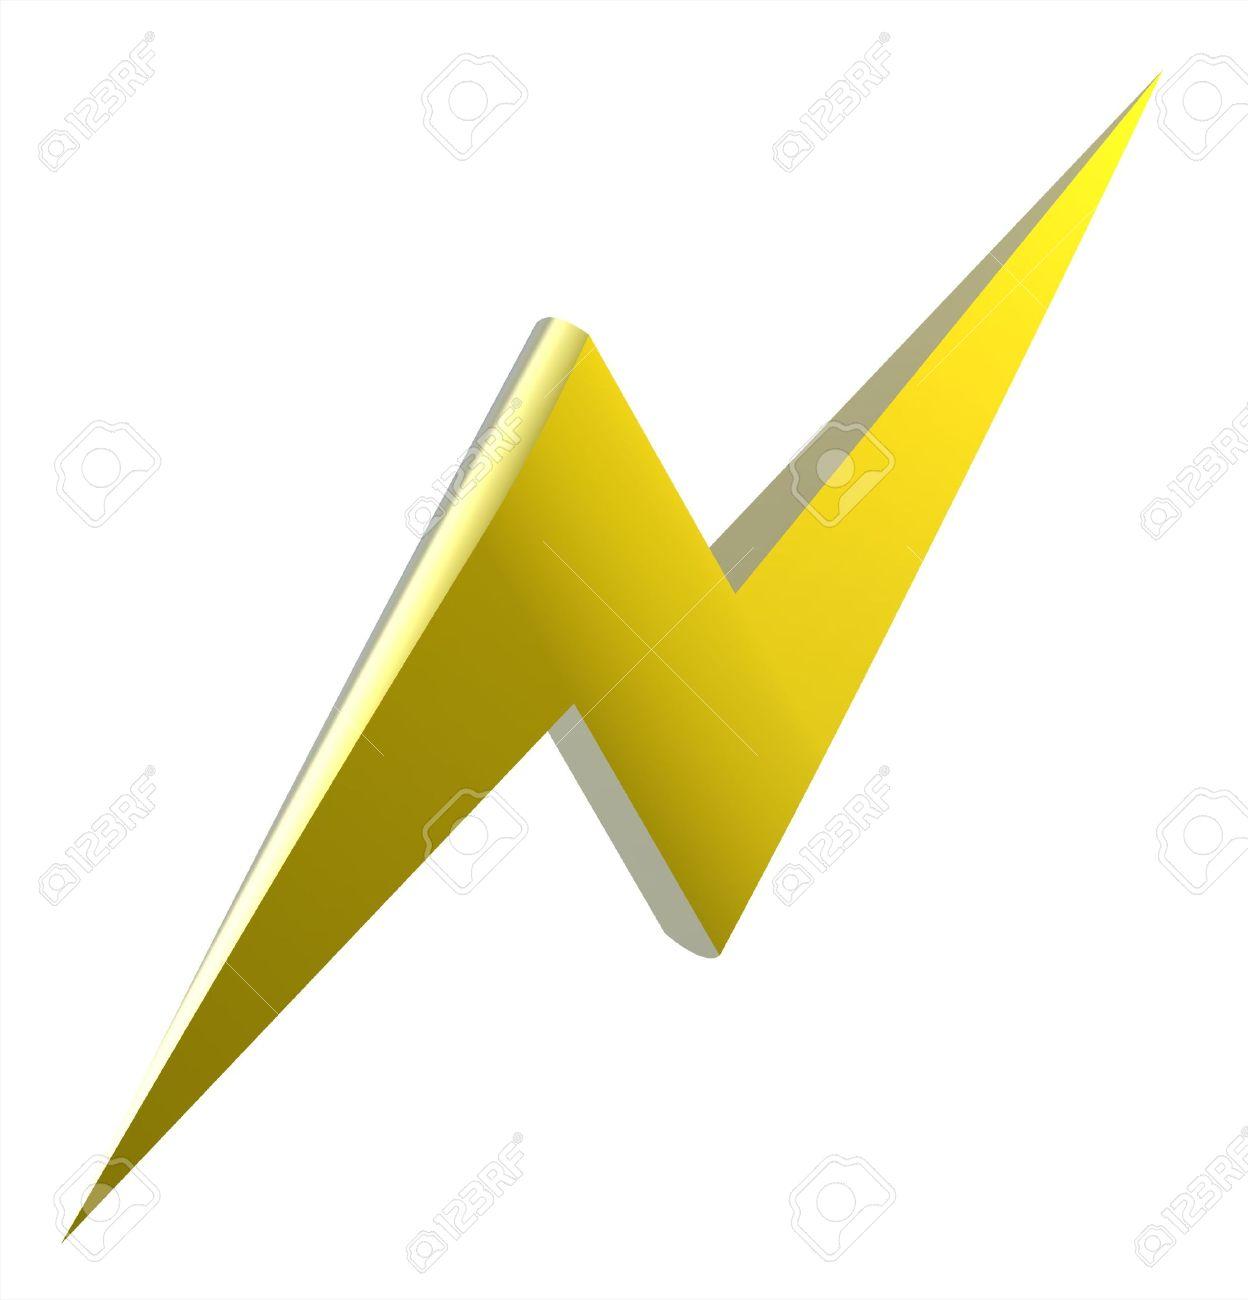 Power or High Voltage Hazard